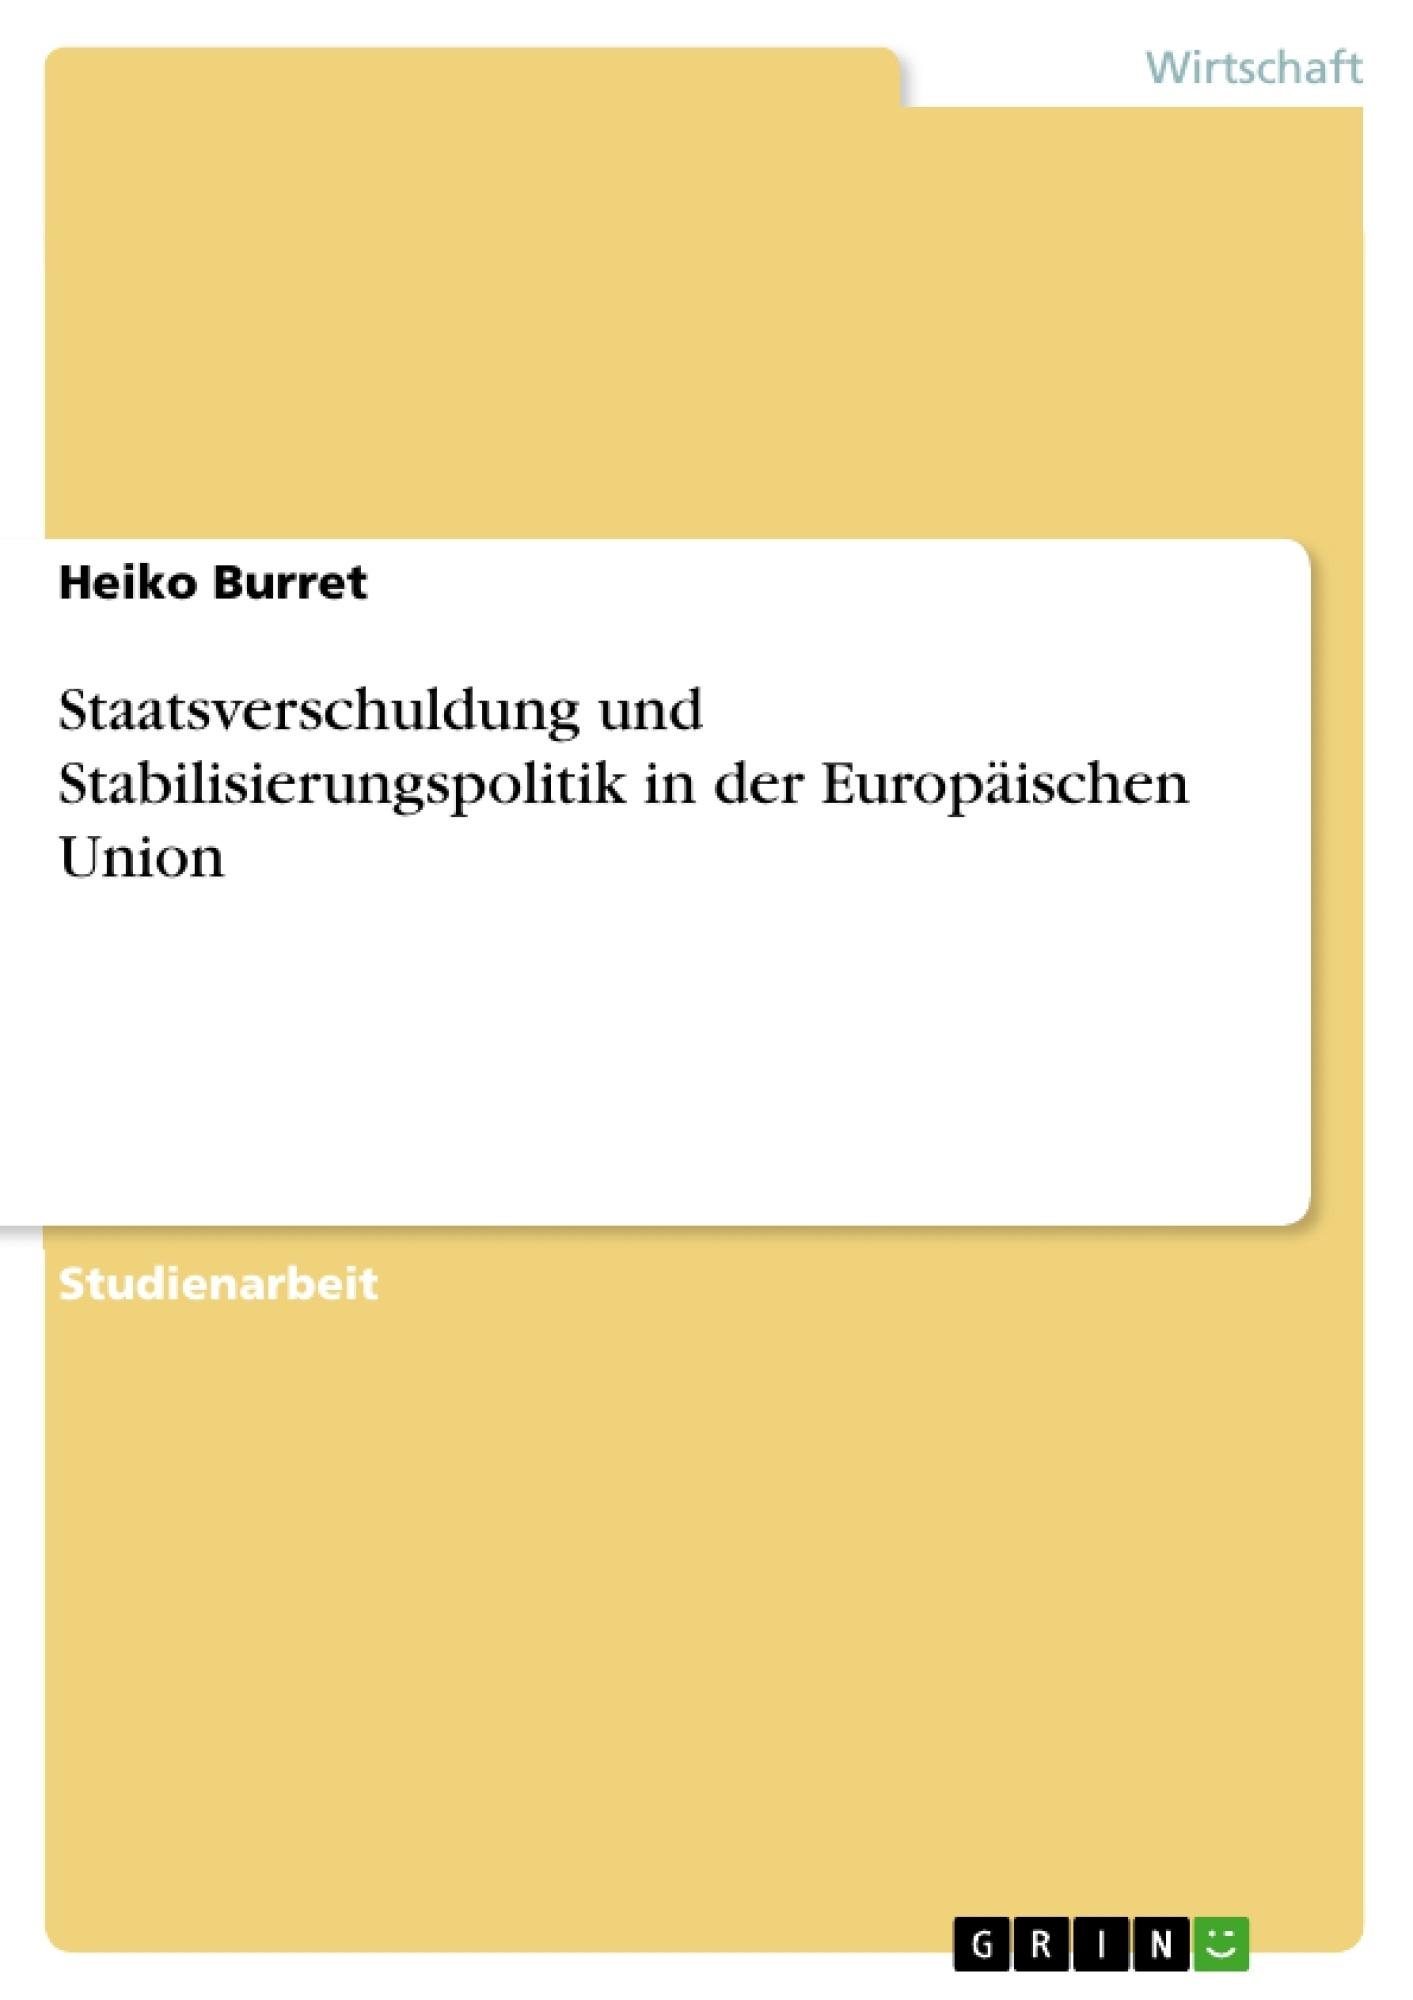 Titel: Staatsverschuldung und Stabilisierungspolitik in der Europäischen Union